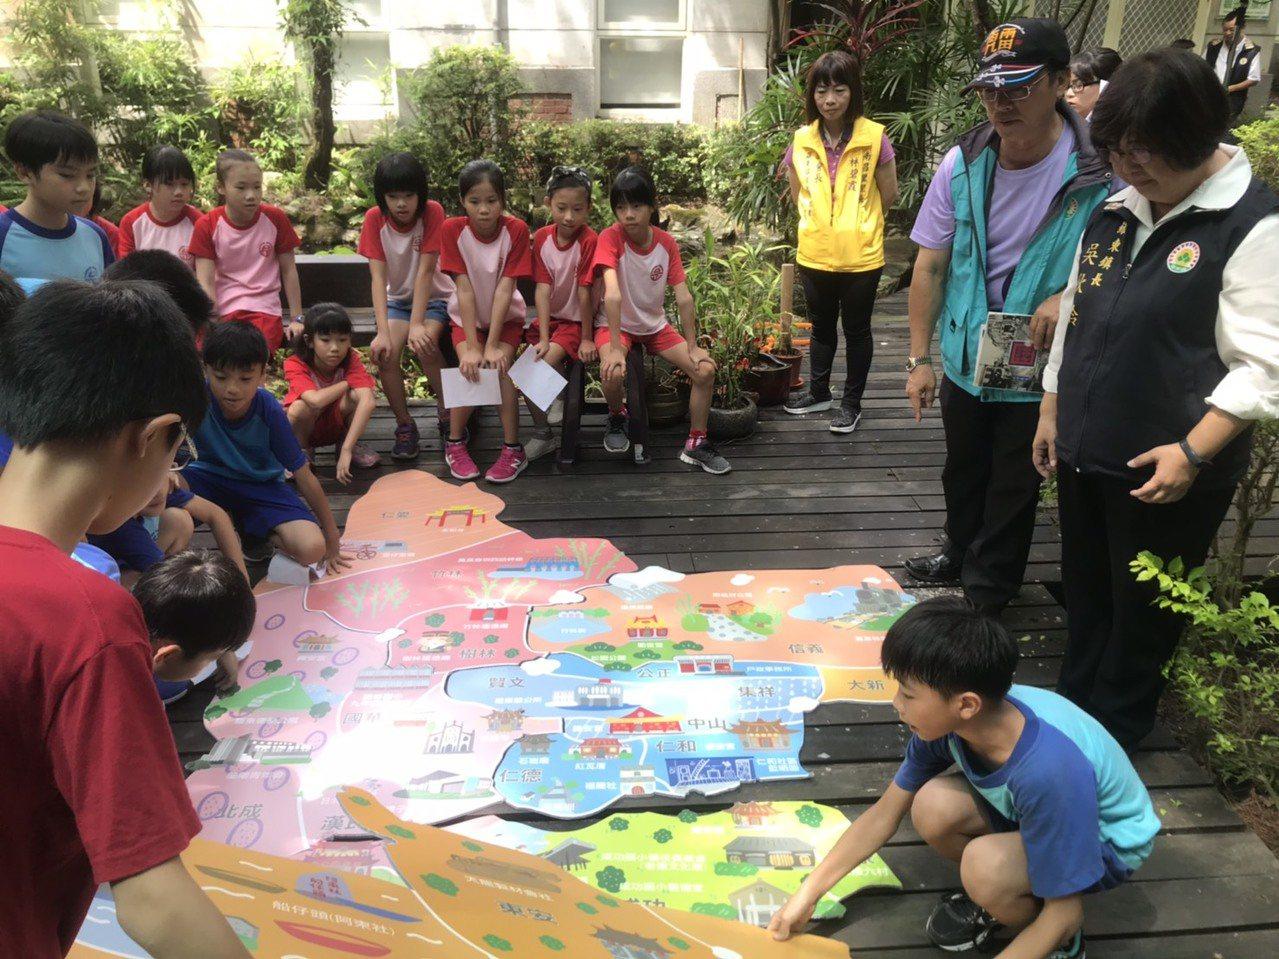 文化觀光在羅東系列活動即將開始,羅東鎮公所將帶領民眾從在地記憶出發,藉由歷史場域...